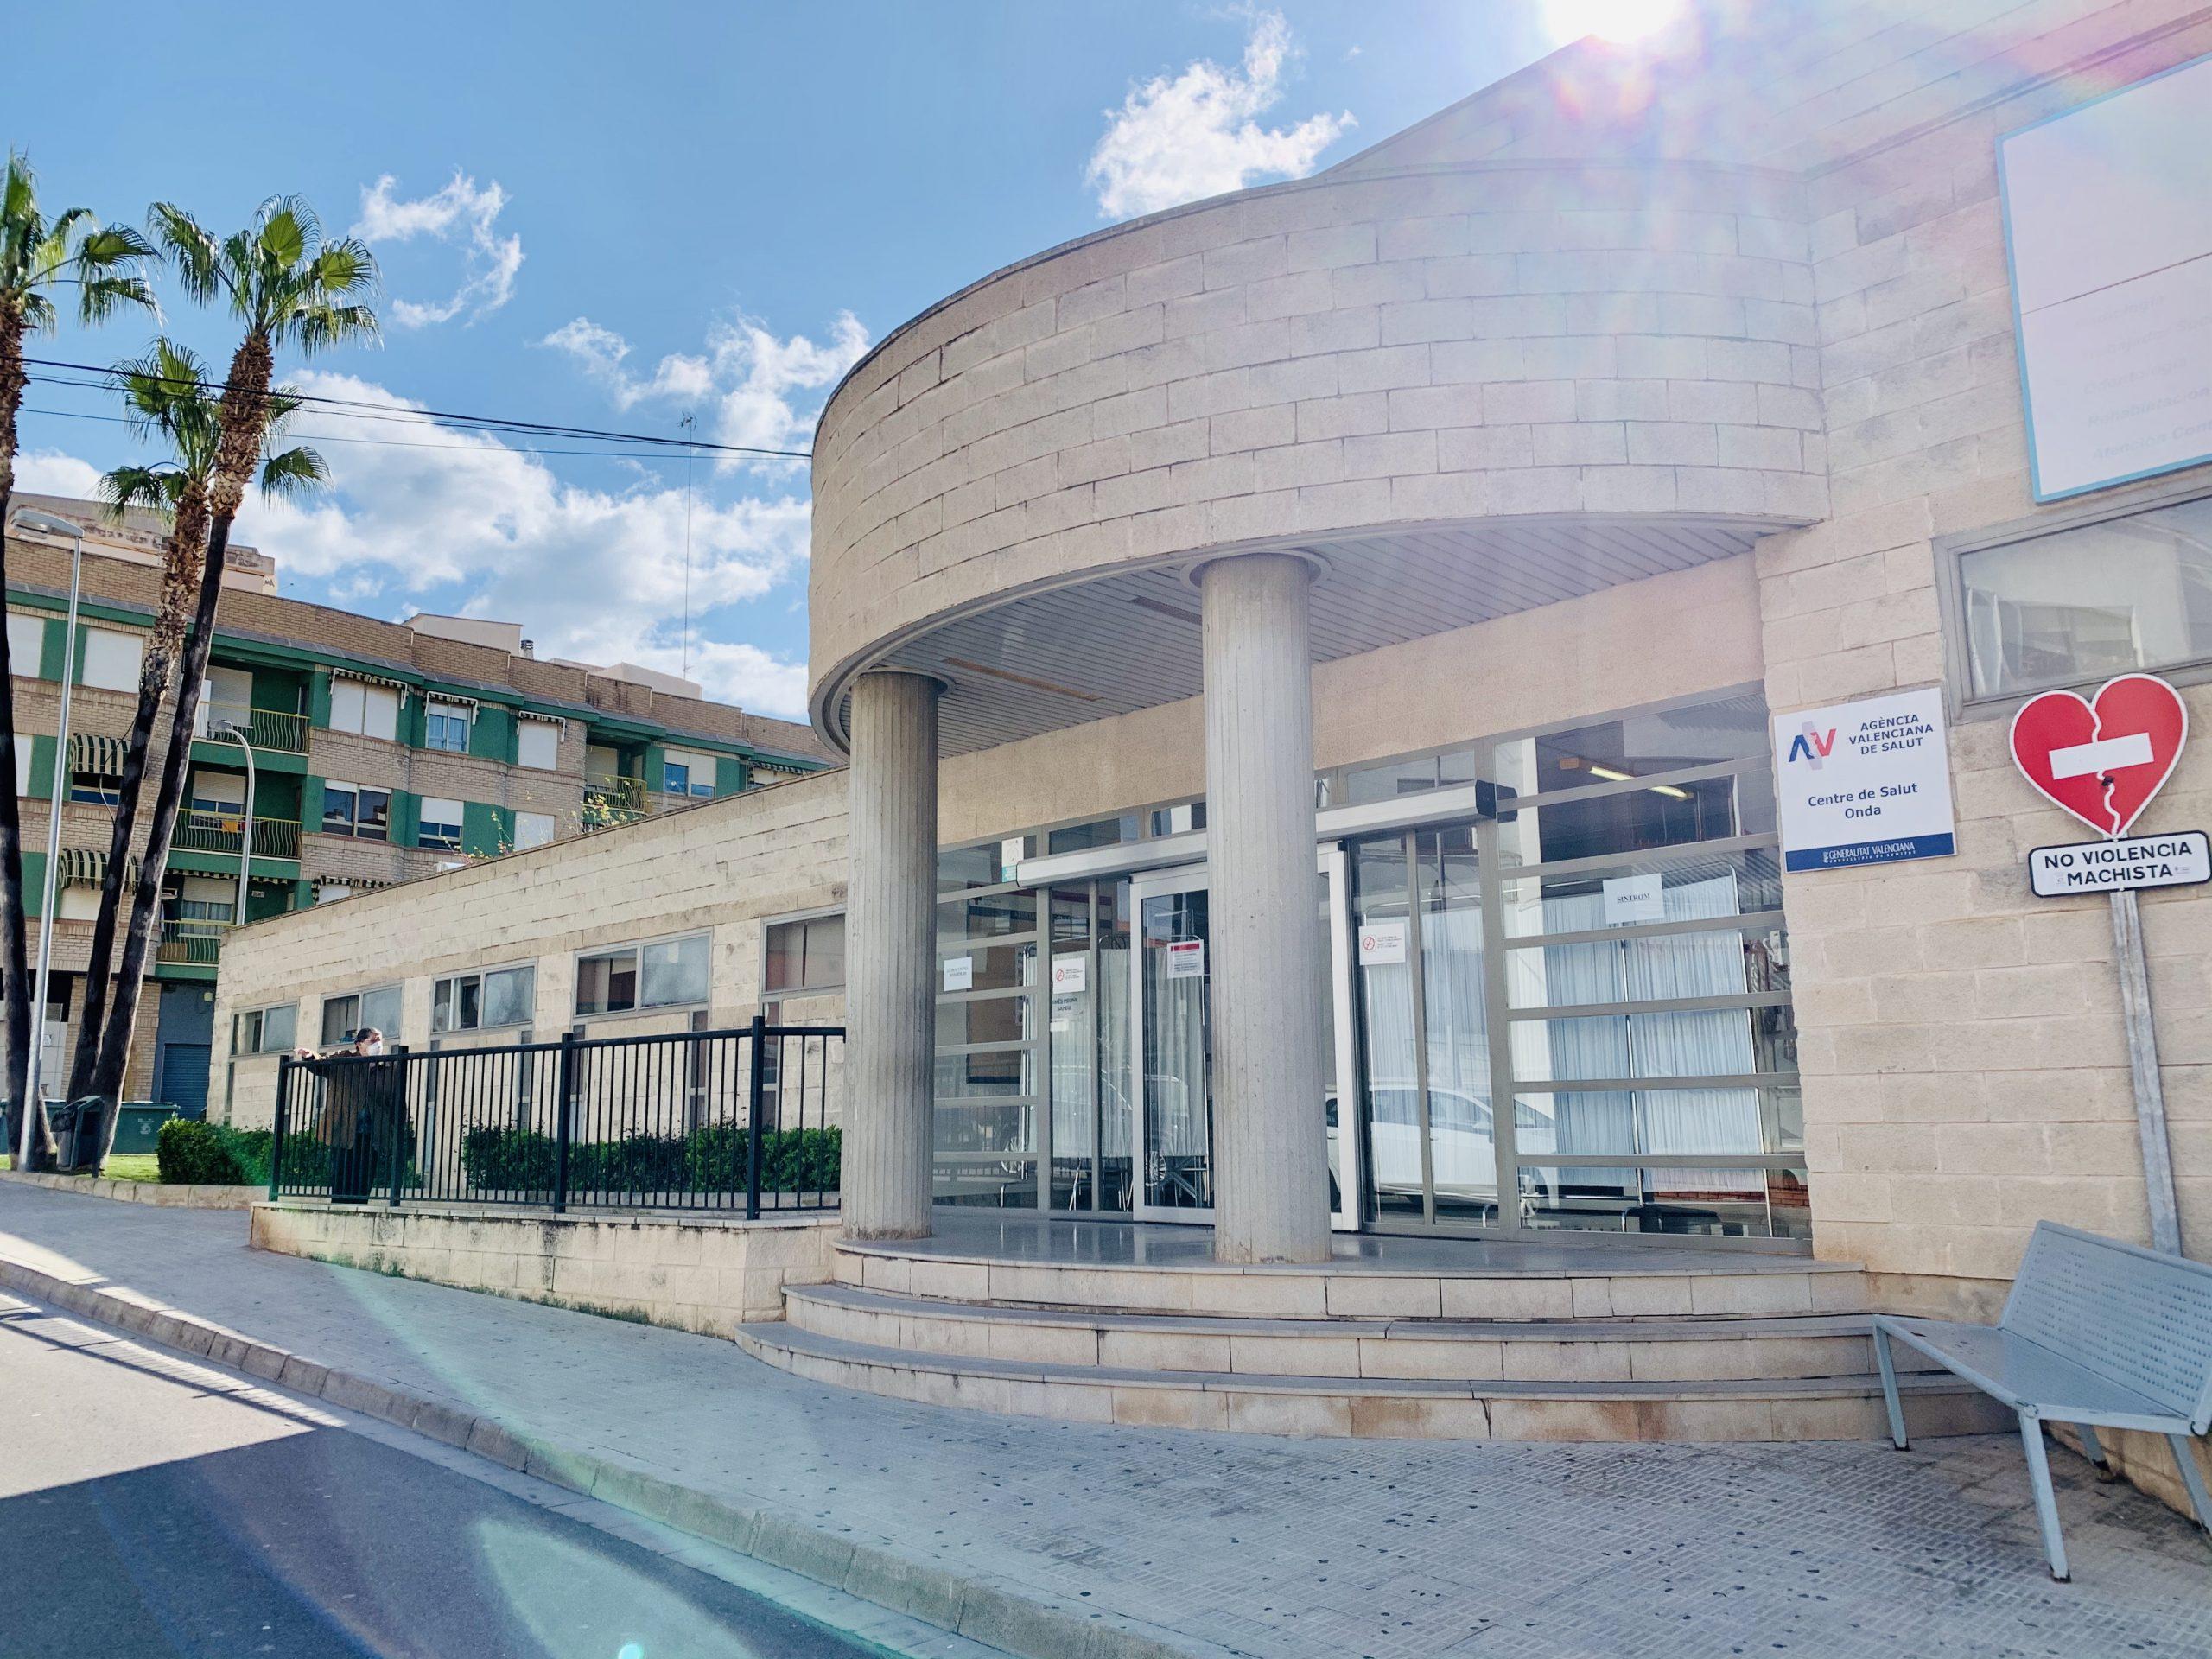 Onda exige a la Generalitat más recursos para acabar con el caos de los centros de atención primaria y especialidades